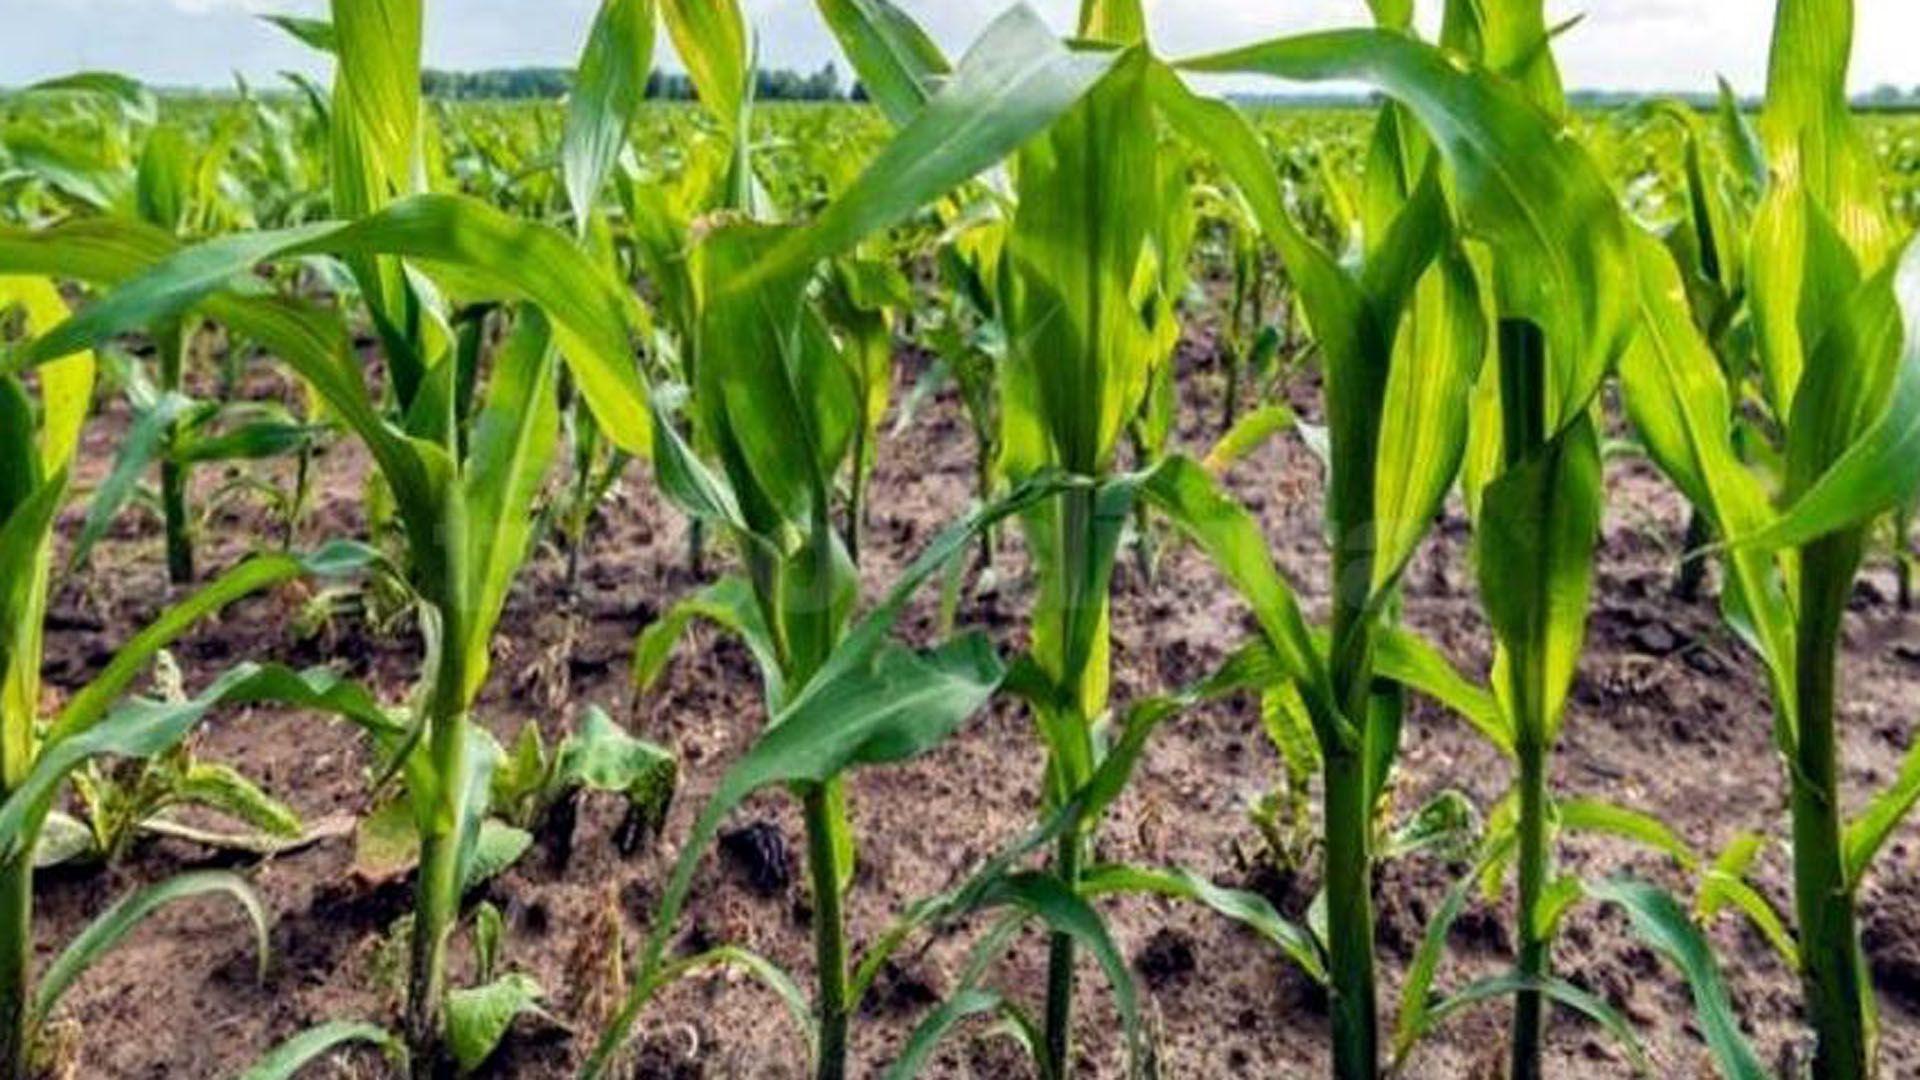 Avanza la siembra de maíz, con la incertidumbre de los productores sobre los efectos del clima, en un contexto de falta de precipitaciones